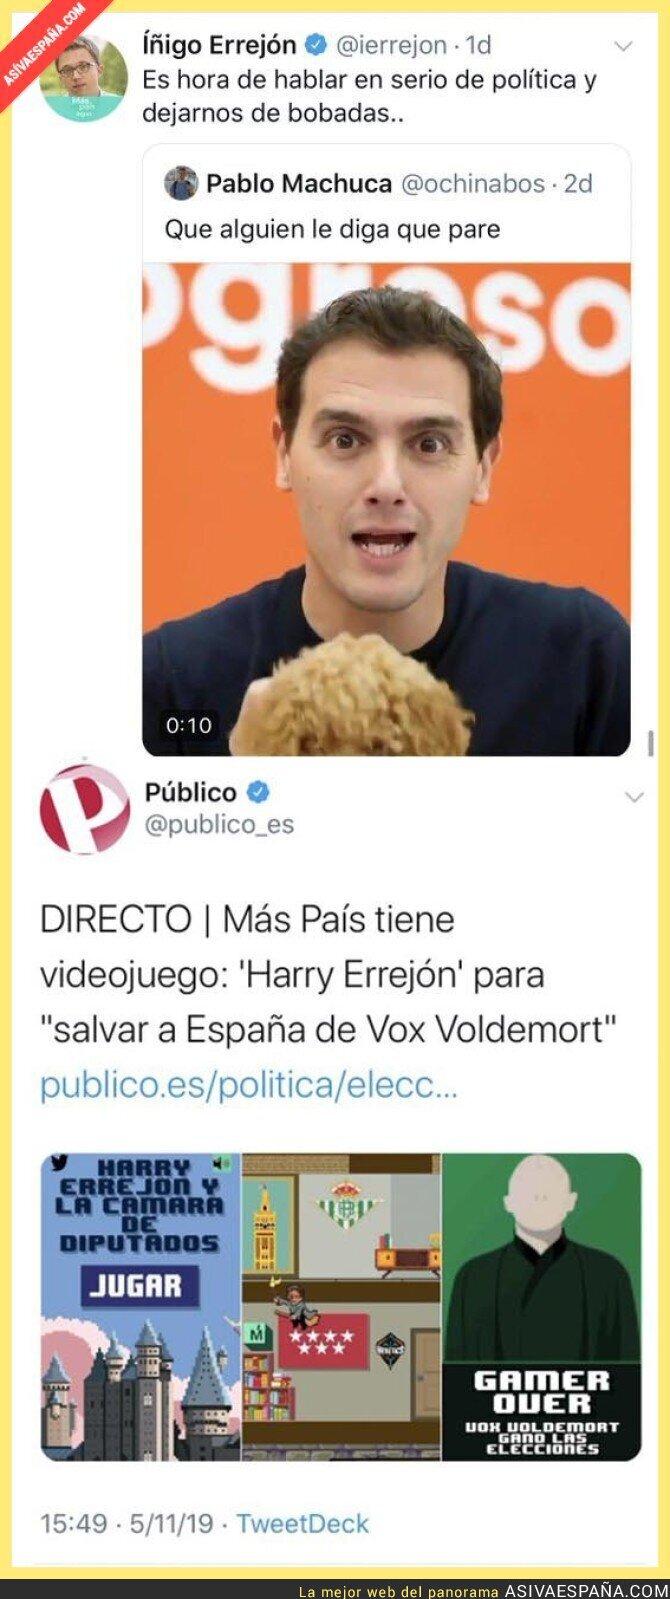 126289 - En política hay que ser más serioes, ya lo dijo Íñigo Errejón